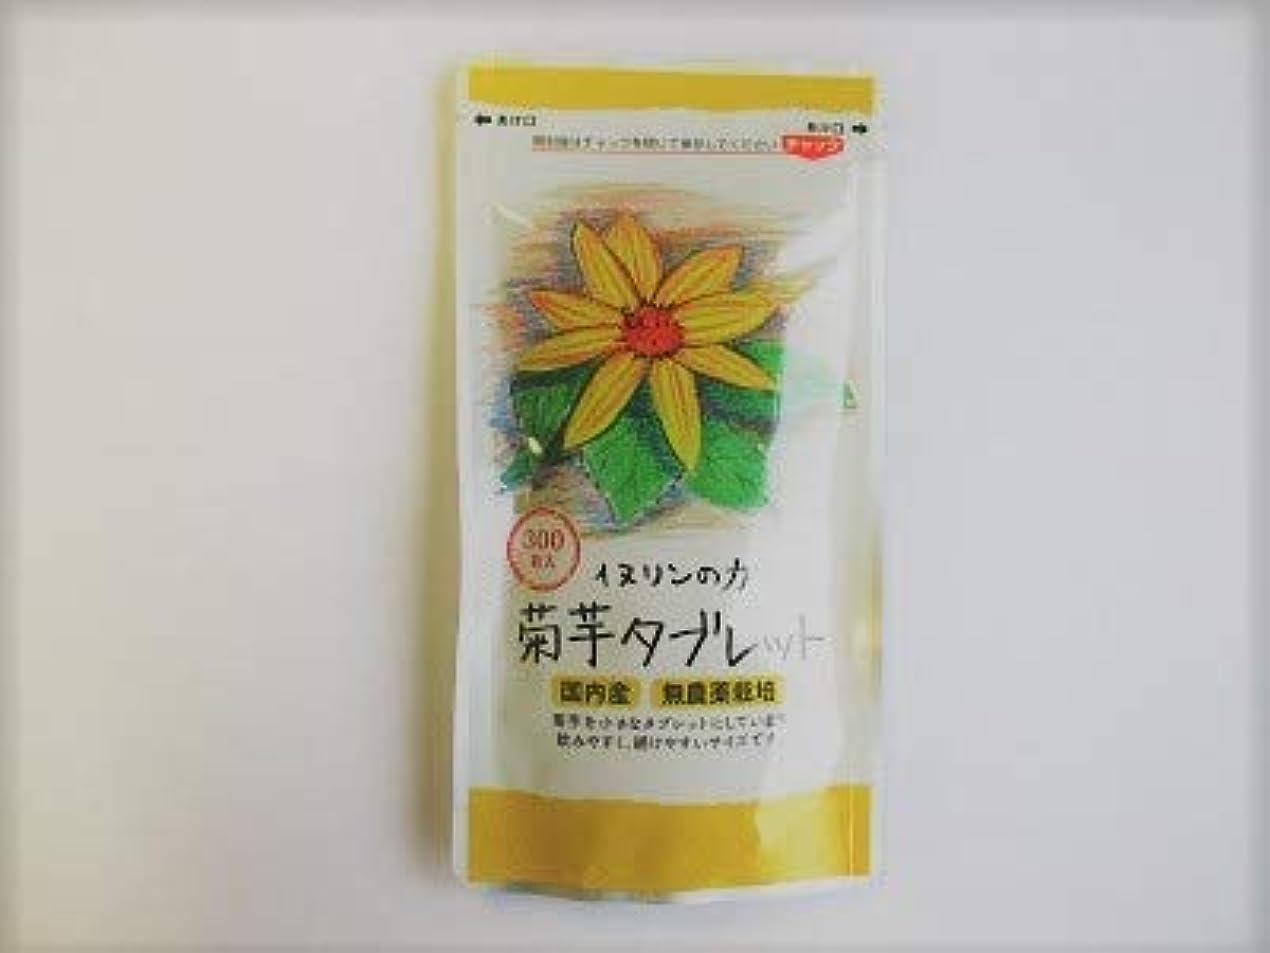 半島シンカン今日菊芋タブレット 250mg×300粒 内容量:75g ★1袋で生菊芋=660g分相当です!